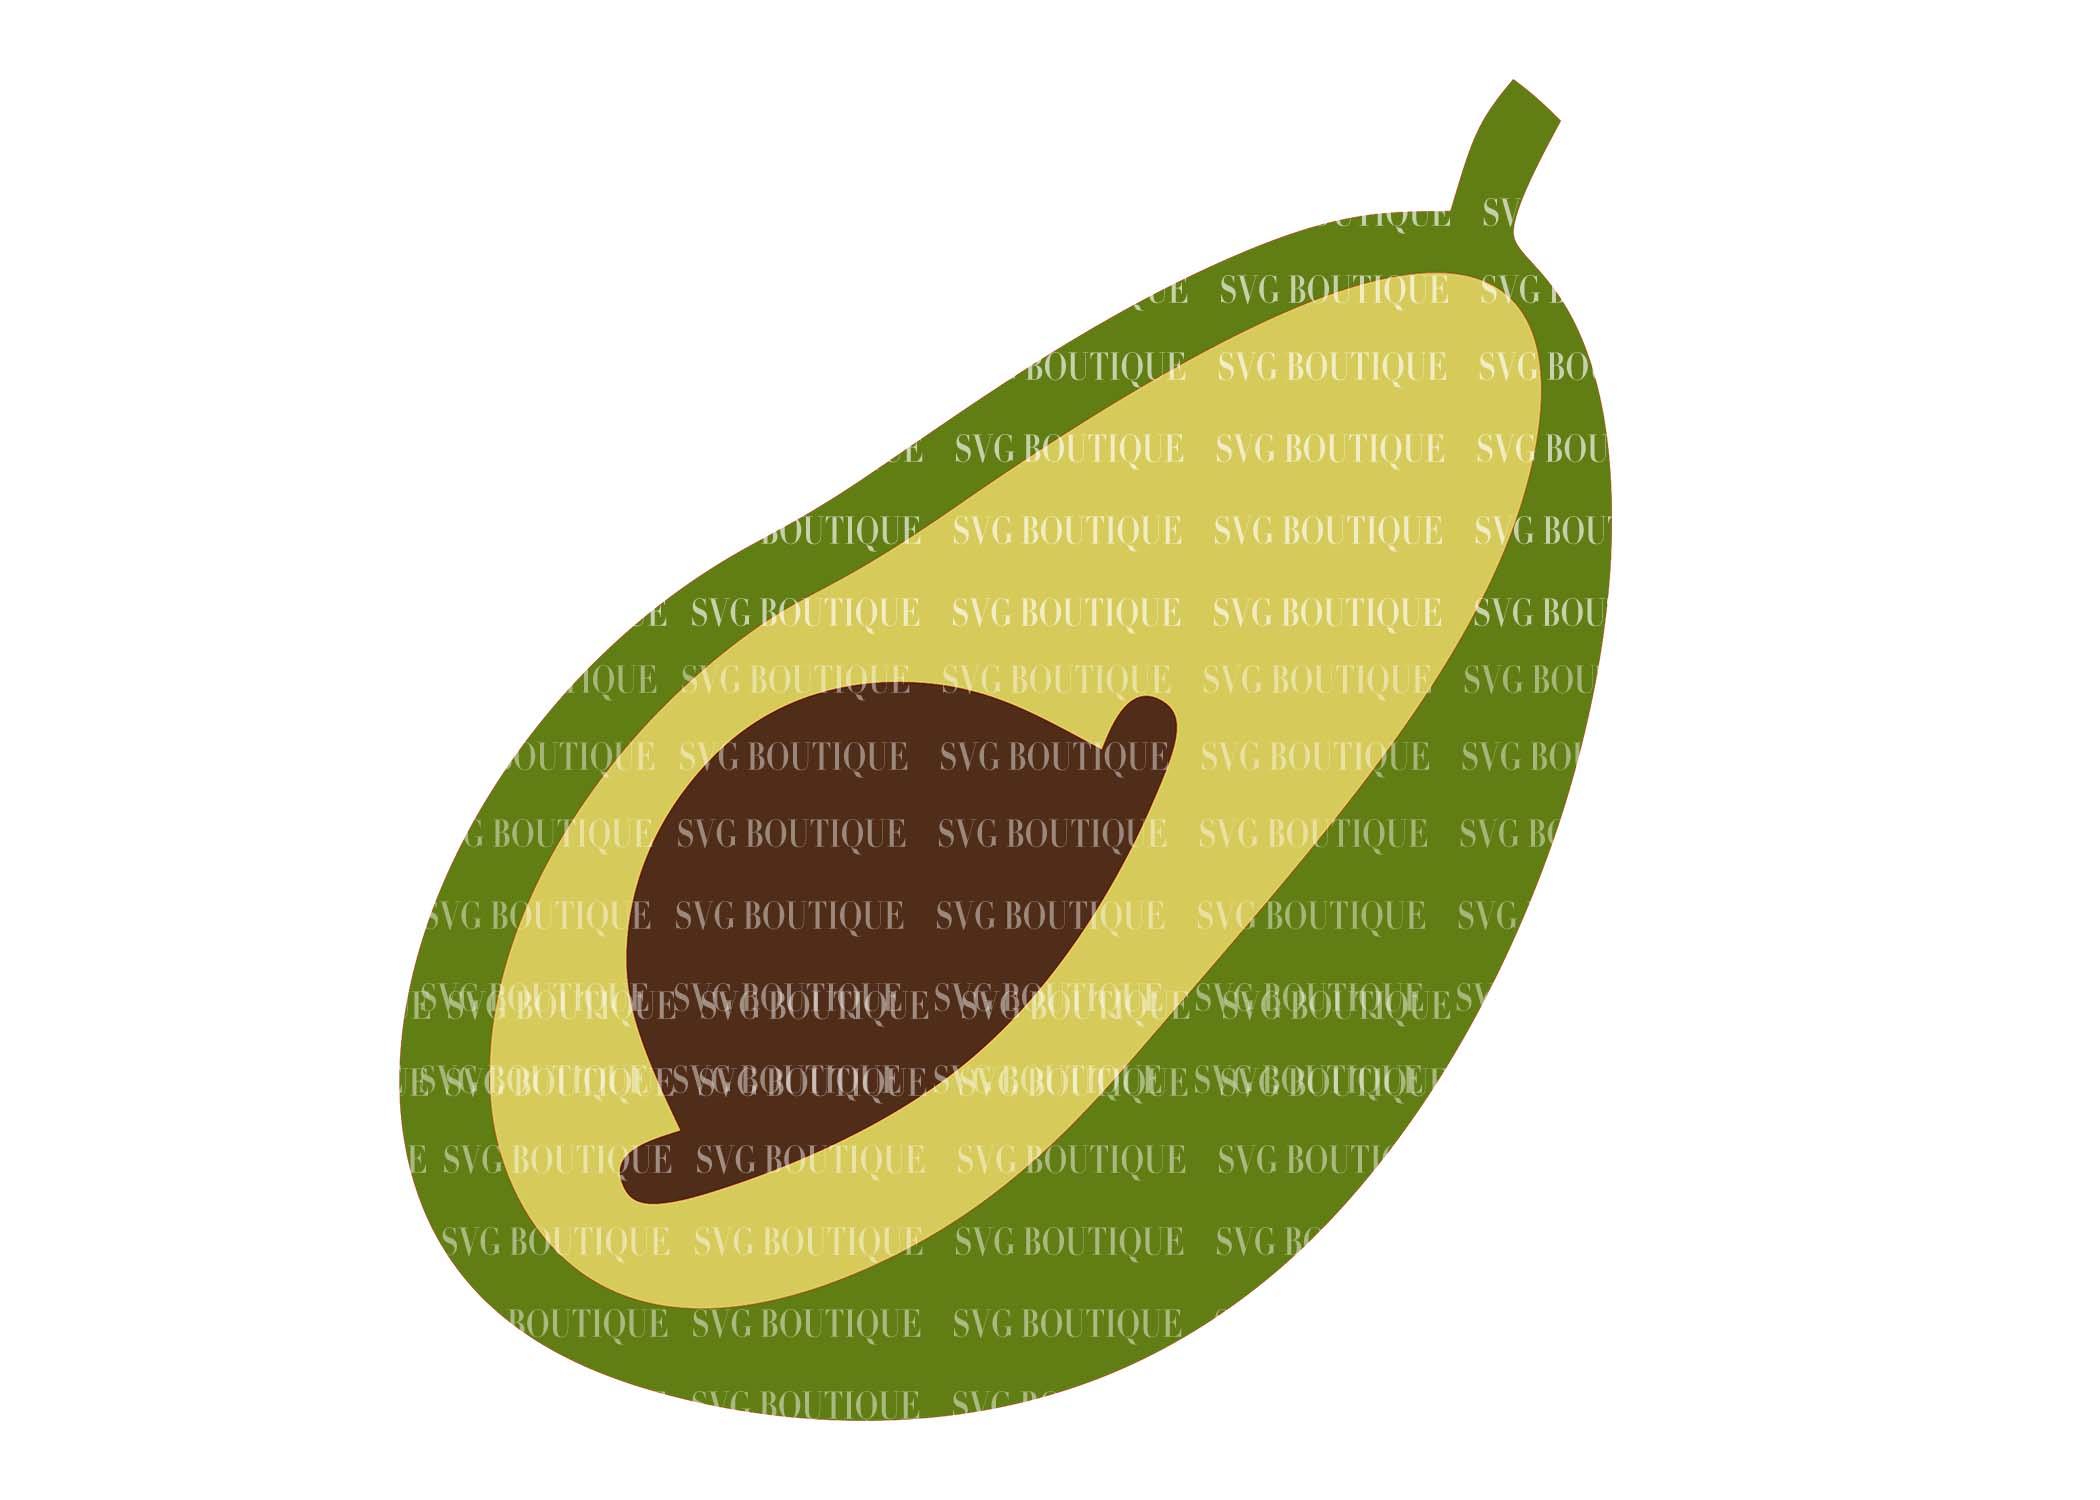 Keto SVG Bundle - Keto Diet Quotes - SVG PNG DFX example image 5